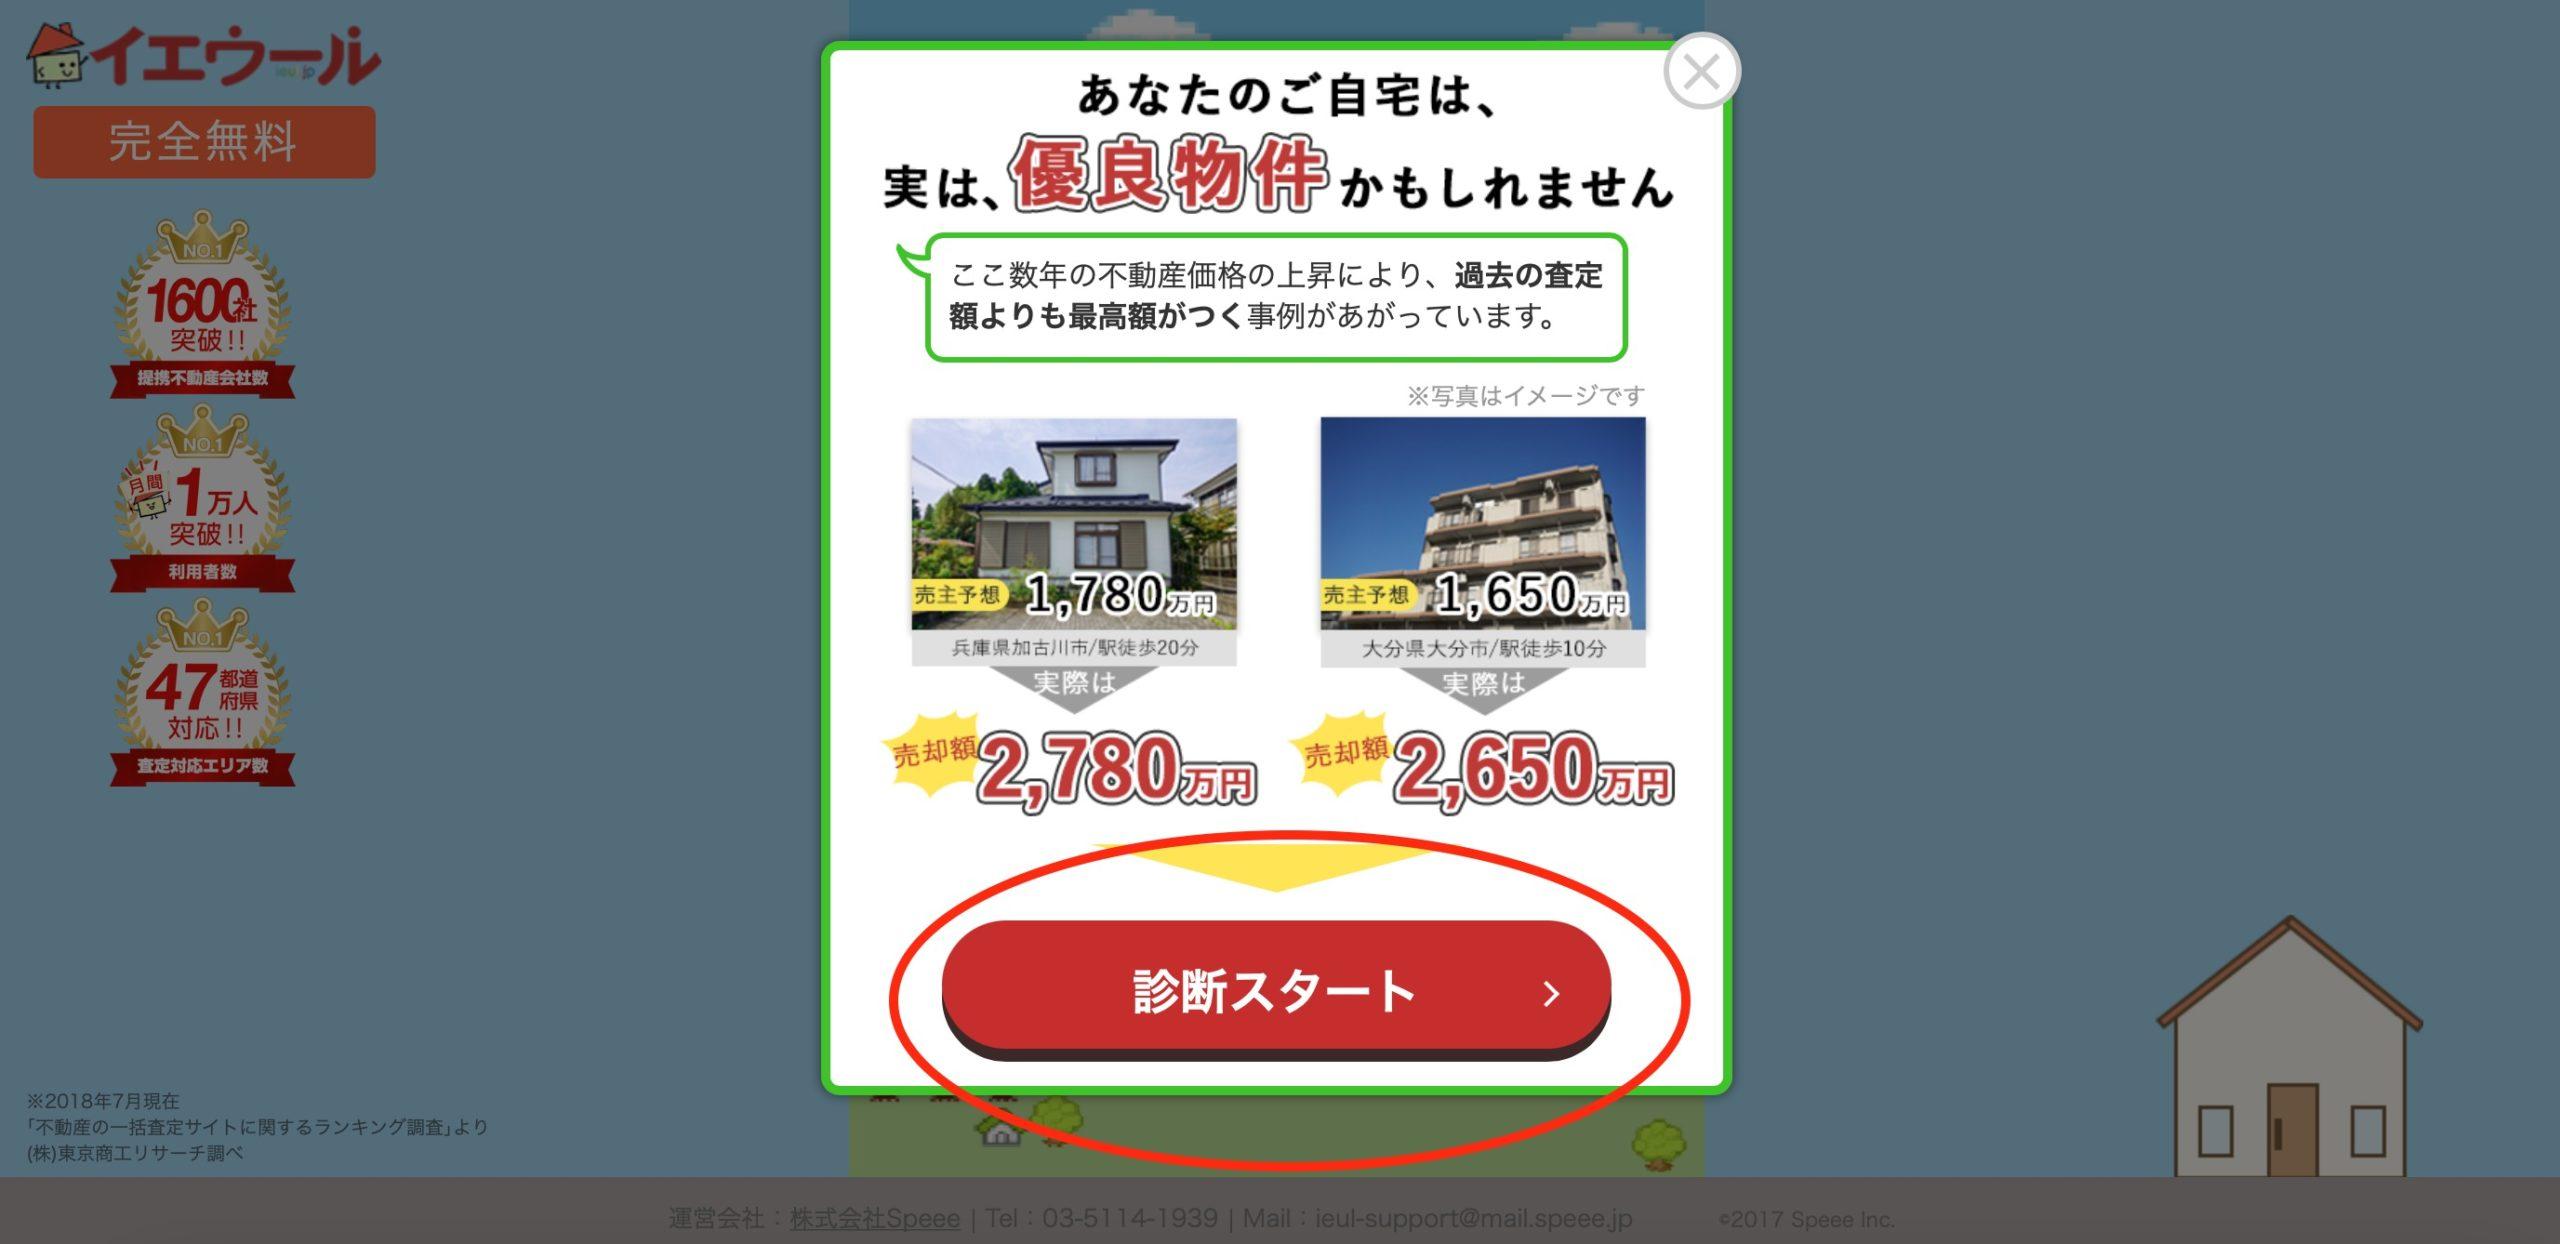 不動産売却の一括査定サイト 解説1